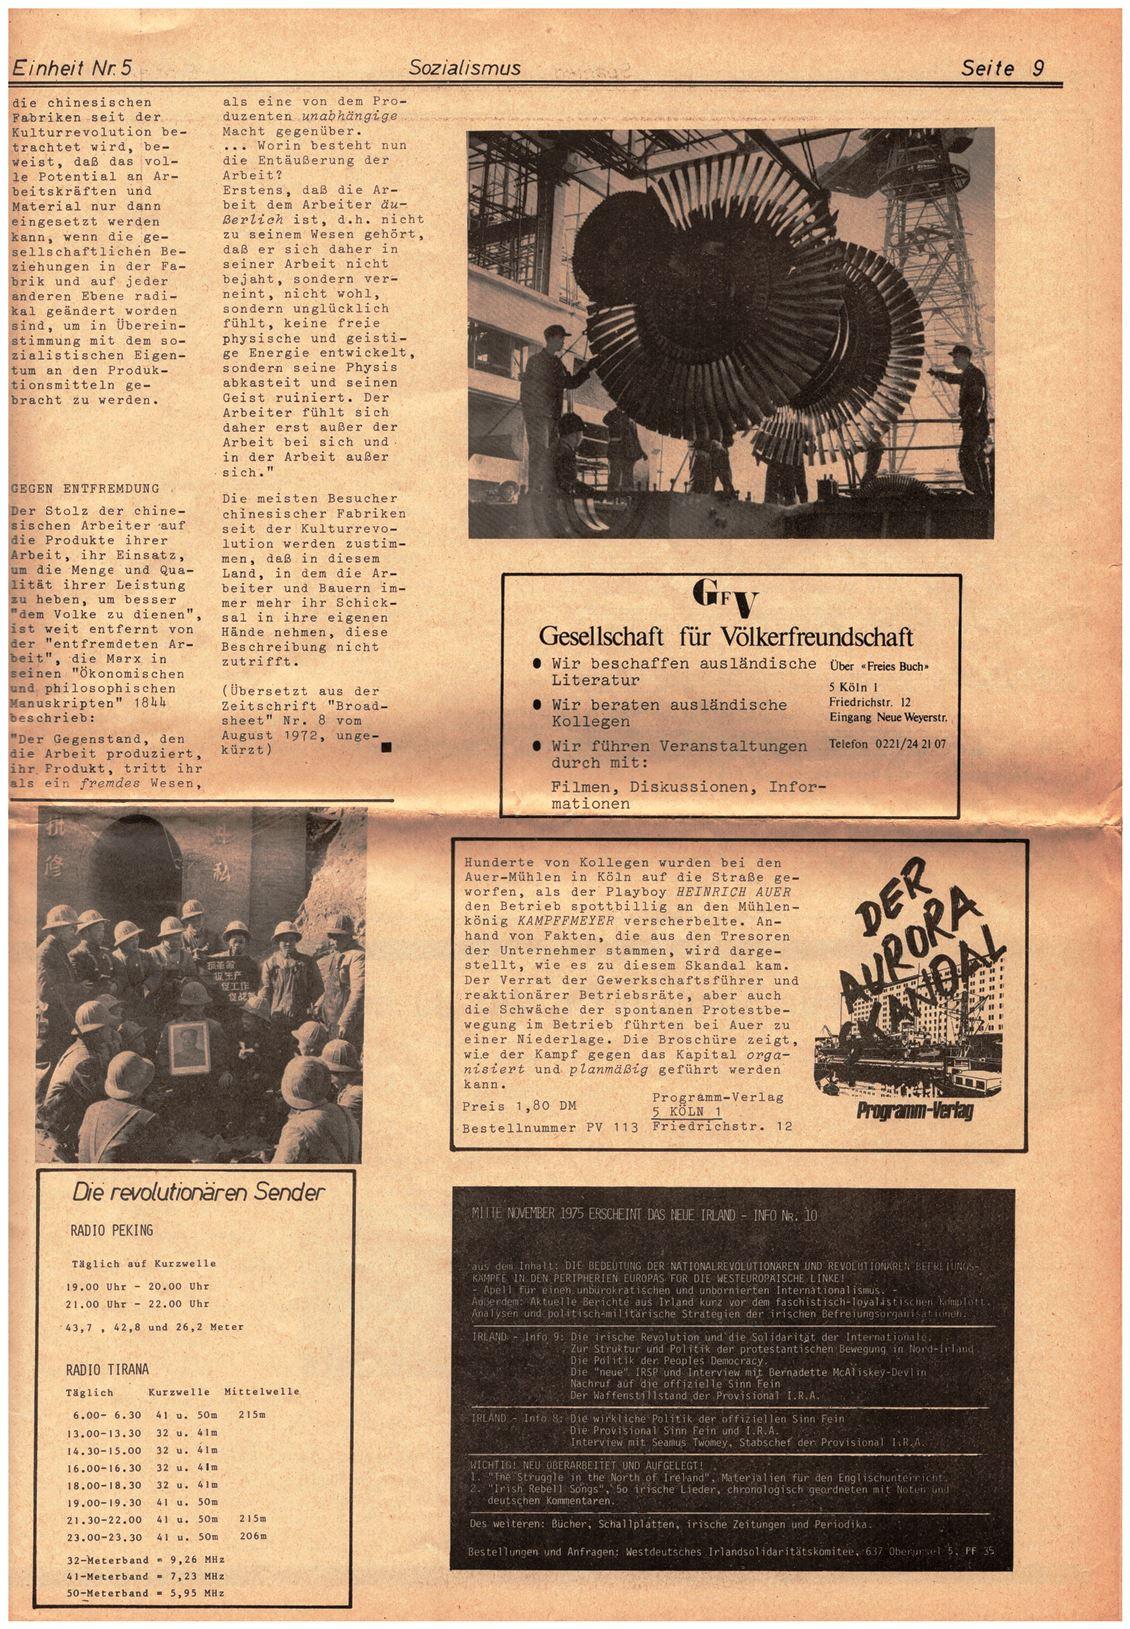 Koeln_IPdA_Einheit_1975_Sonder_009